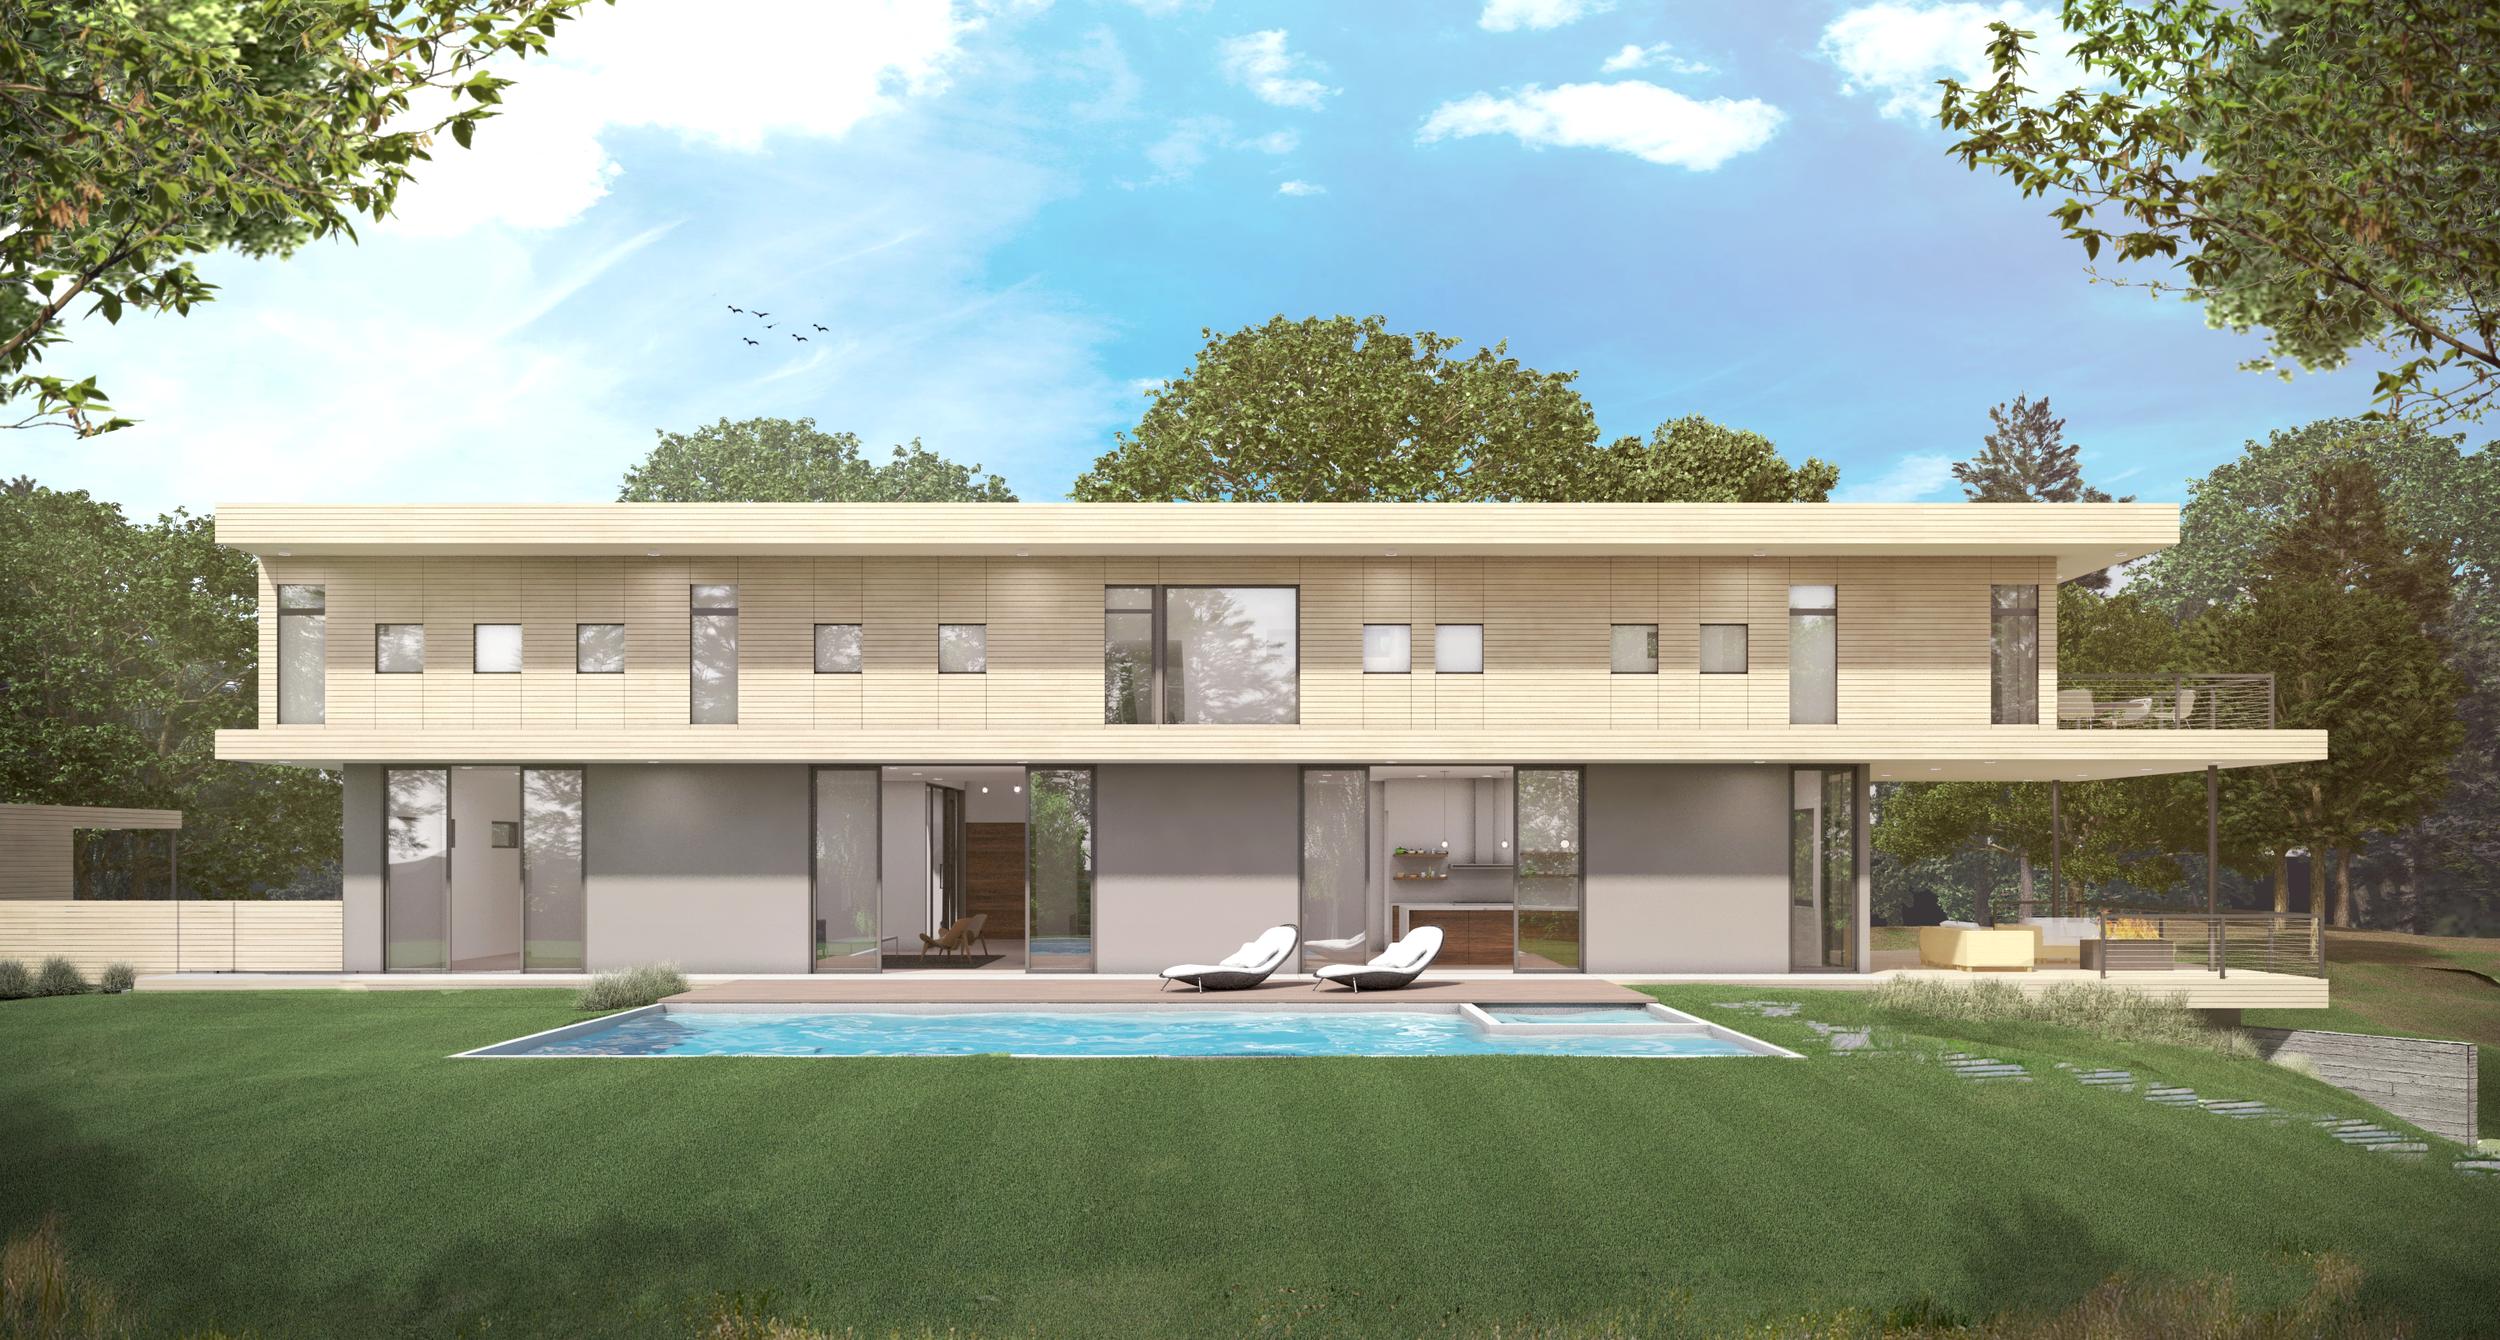 2020 House Rendering 2